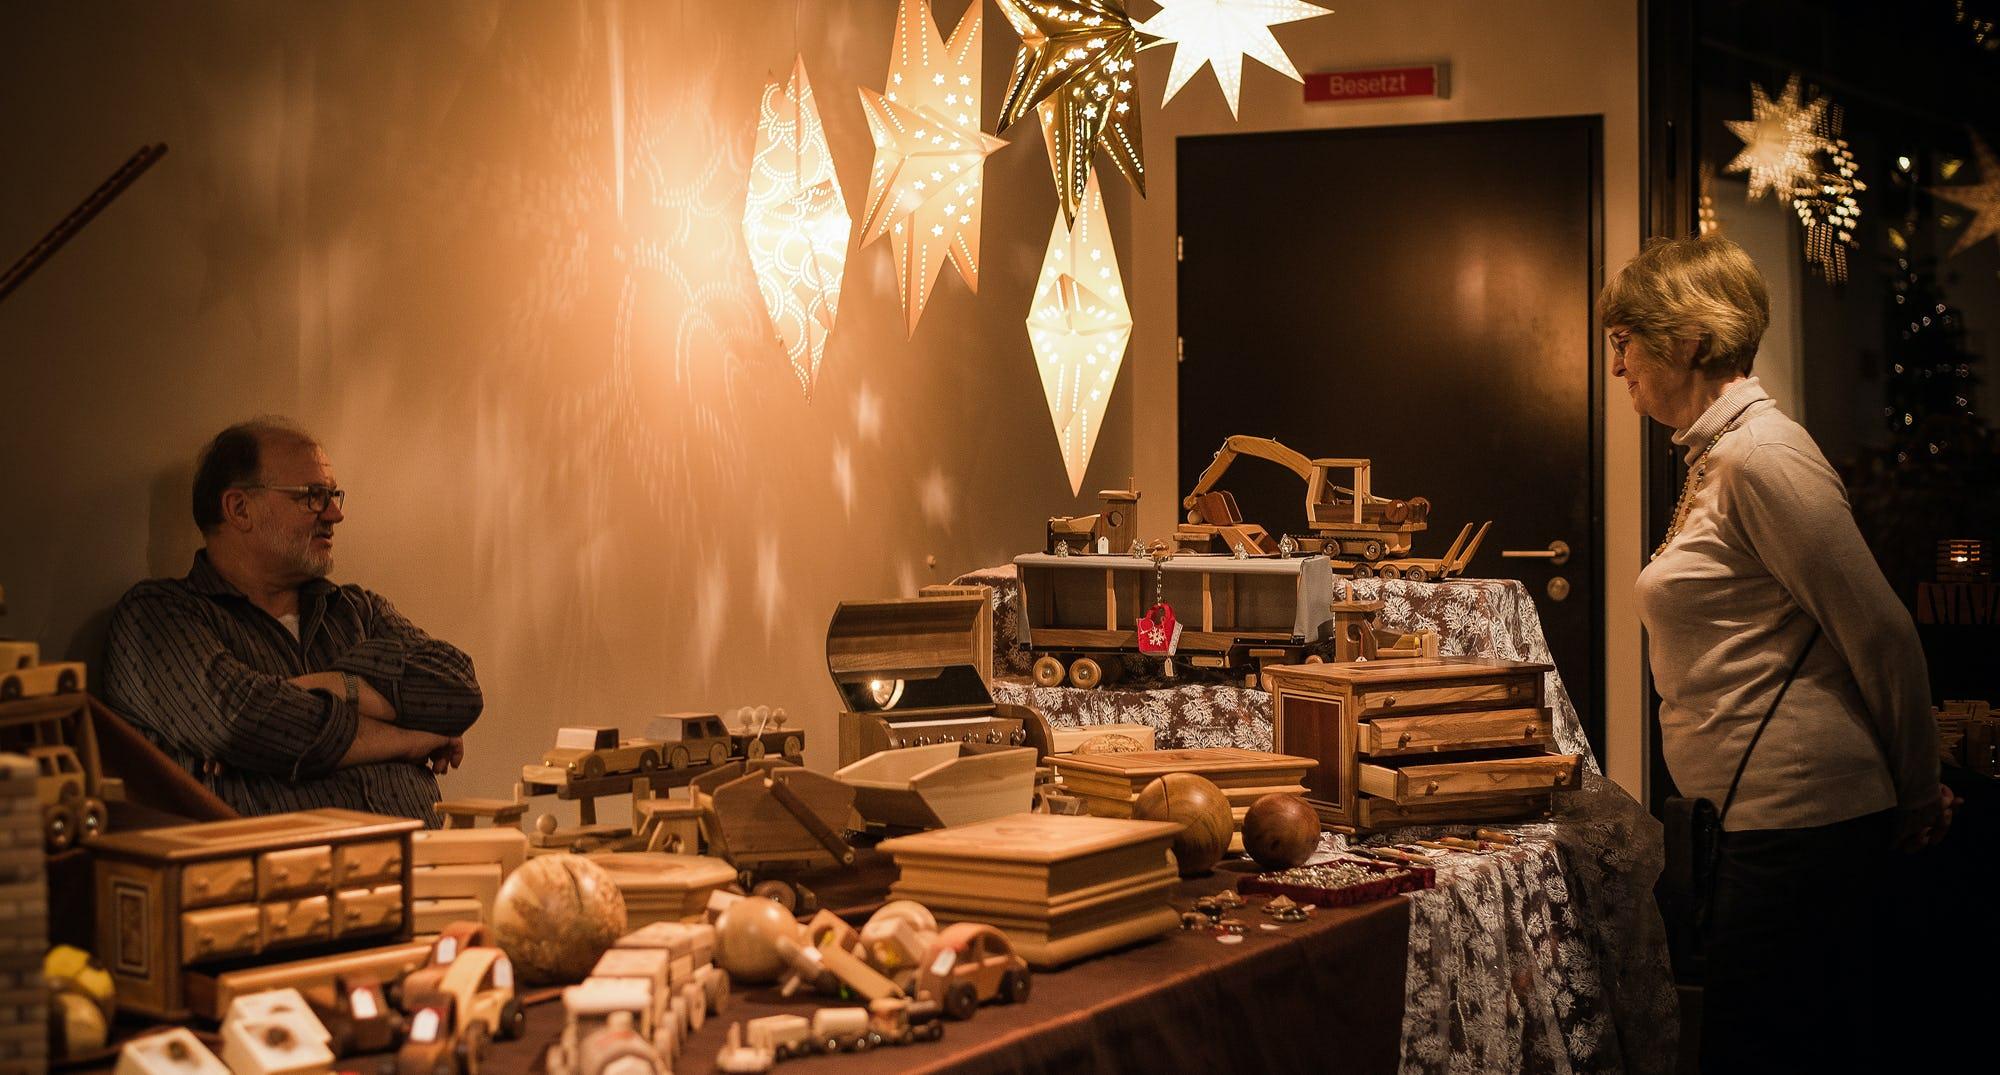 Pilatus Weihnachtsmarkt Stand Ramsauer Carreisen